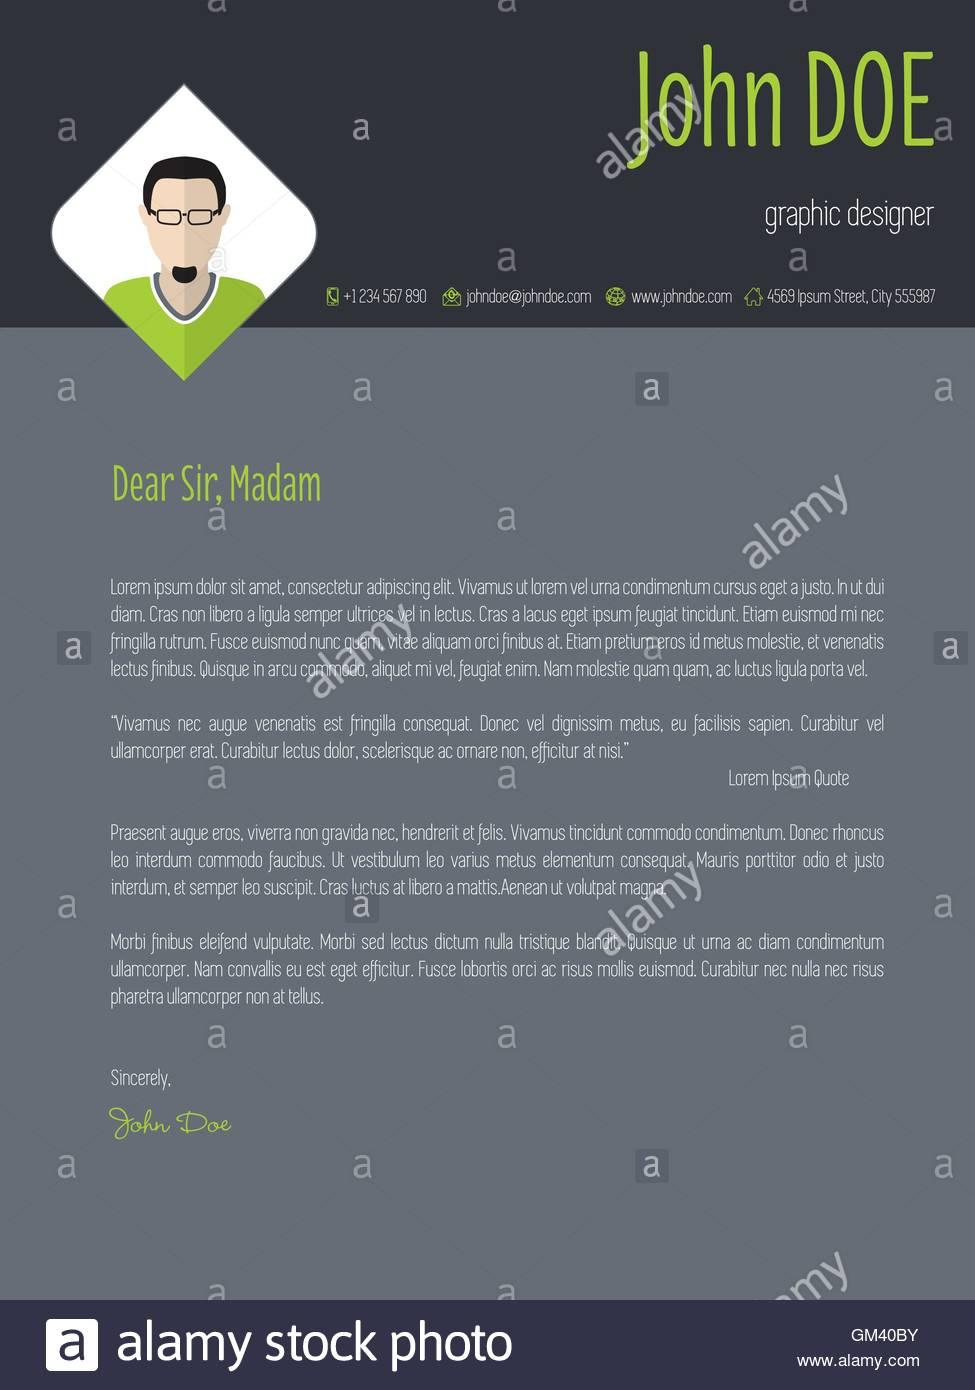 Curriculum Vitae Resume Cv Design Imágenes De Stock & Curriculum ...